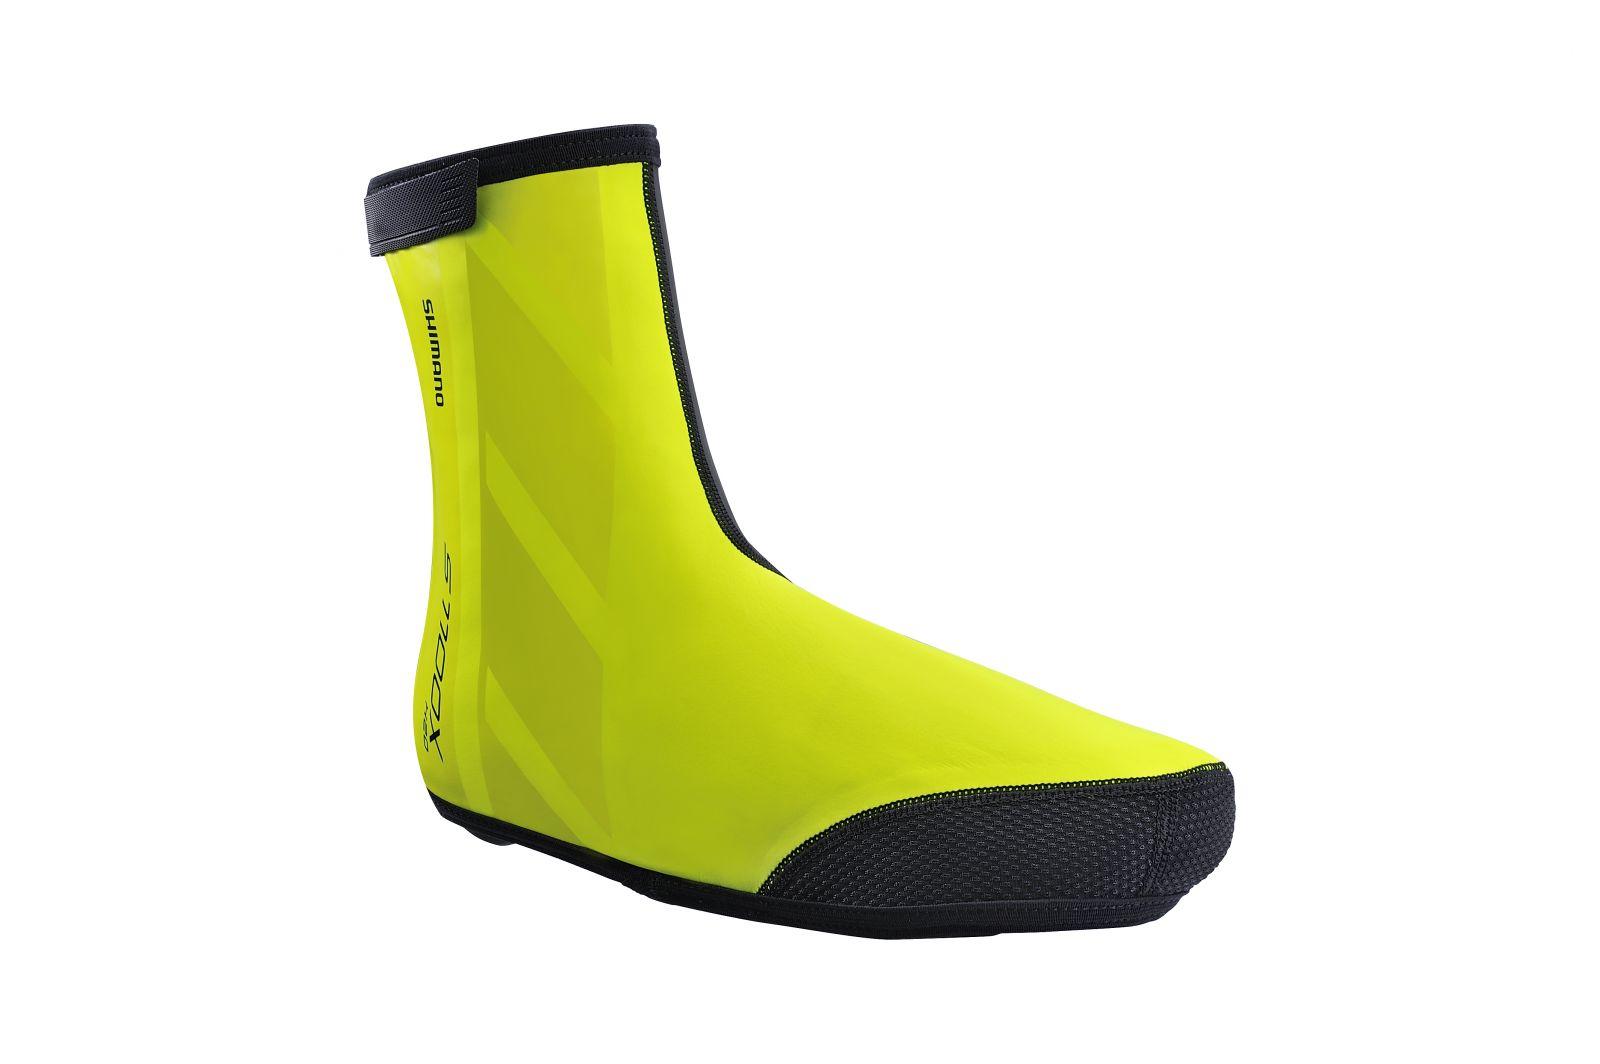 SHIMANO S1100X H2O návleky na obuv, Neon žlutá, XXL